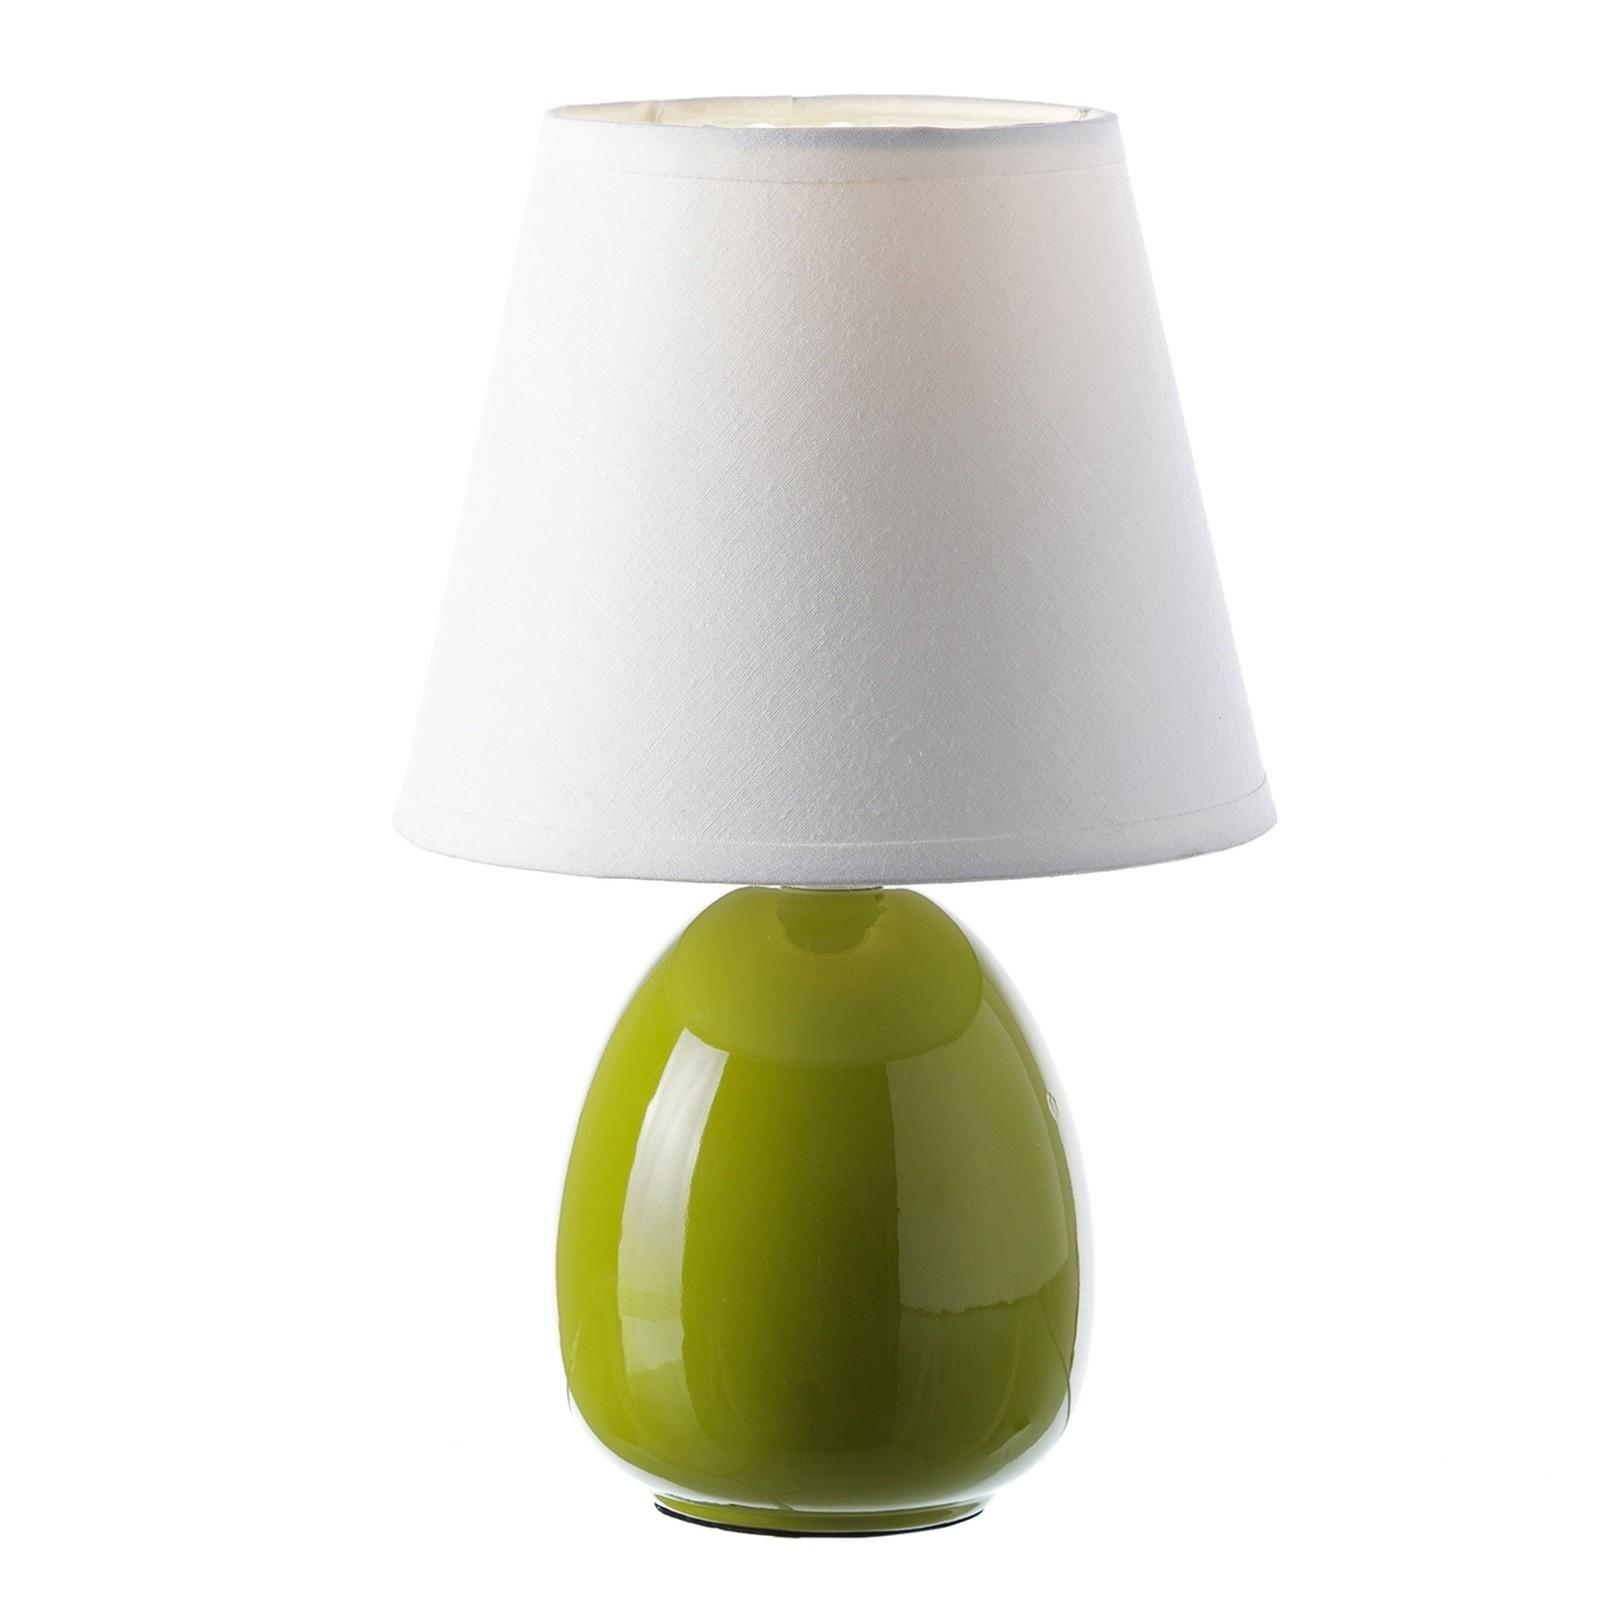 Lamparas mesita noche lampara mesita de noche moderno - Lamparas modernas para dormitorio ...